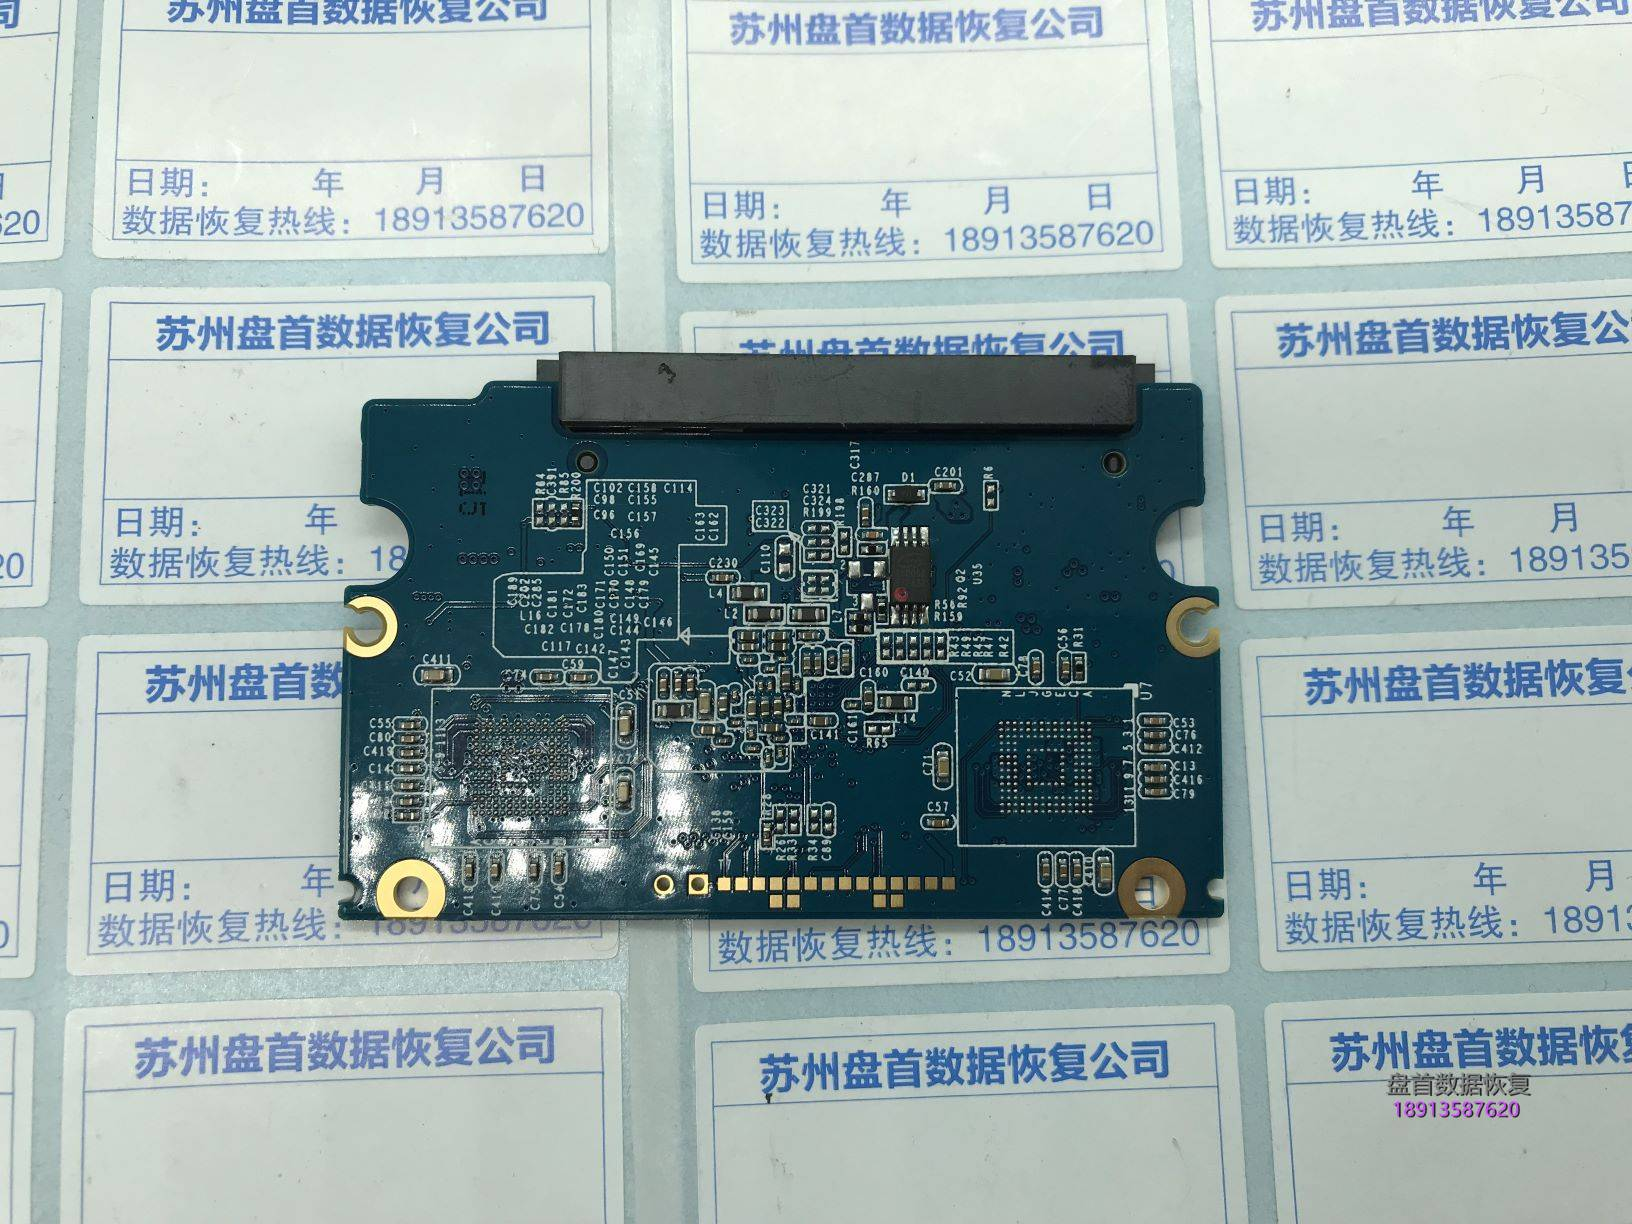 0-6 影驰SSD掉盘变成SATAFIRM S11固件损坏导致掉盘修复成功